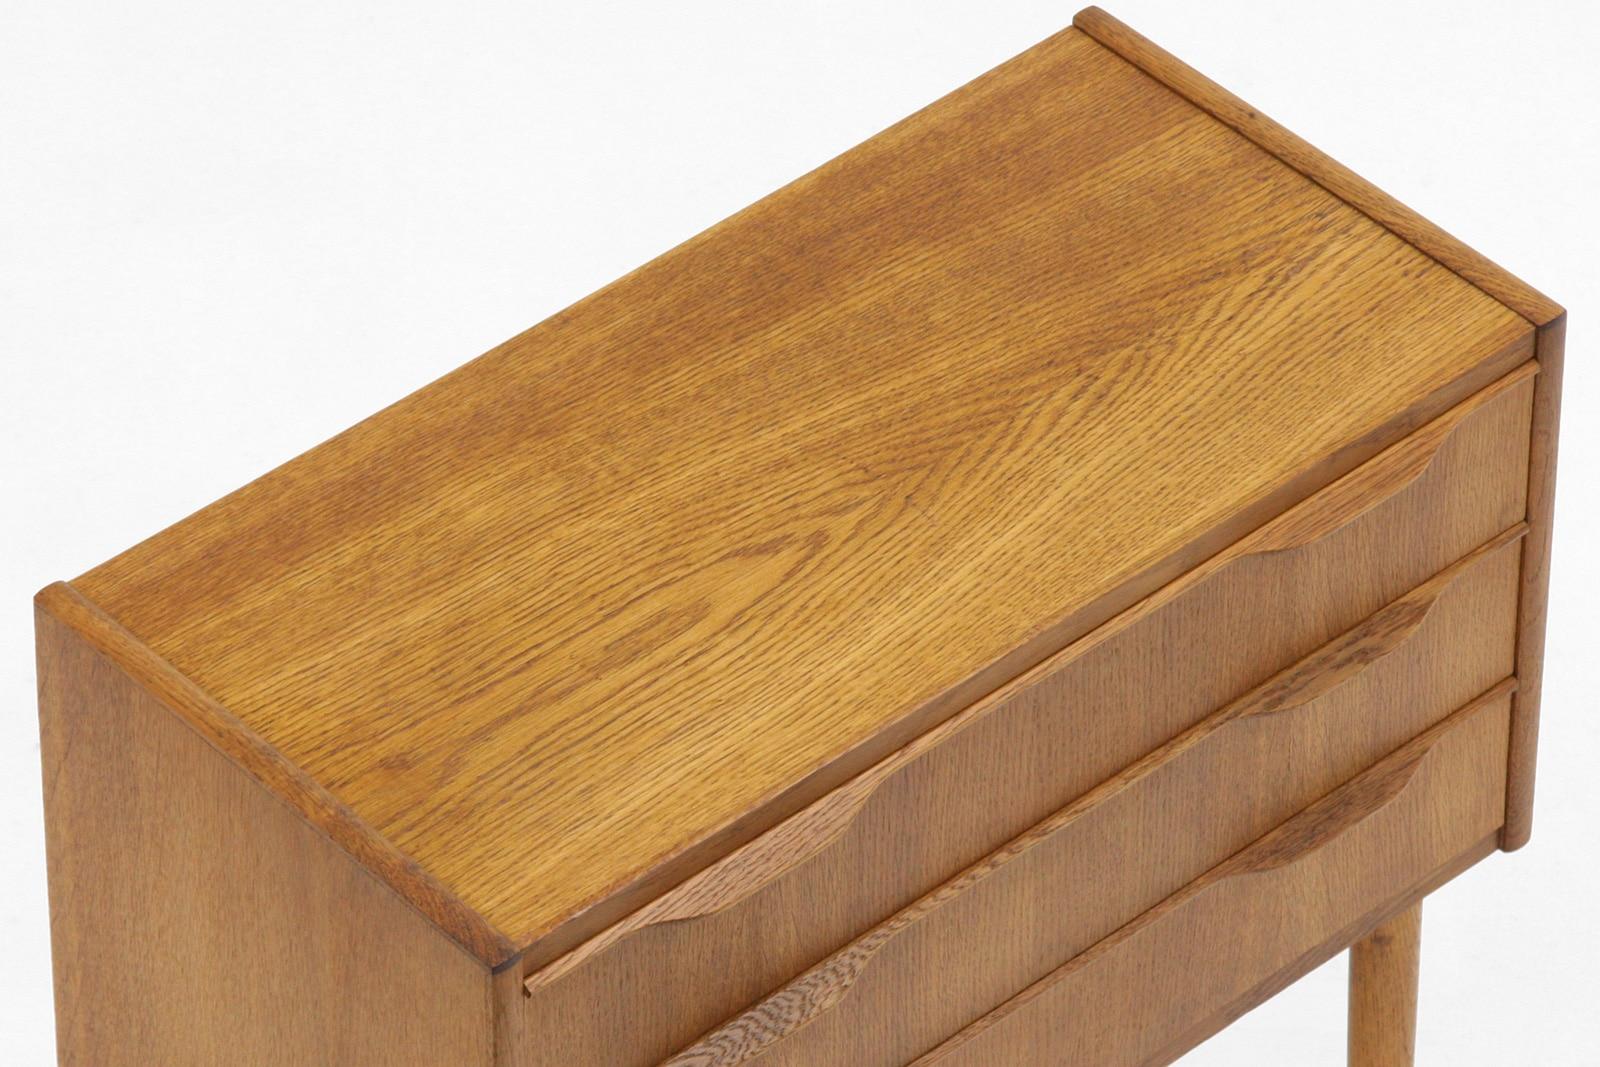 北欧,収納家具,3段,チェスト,オーク材